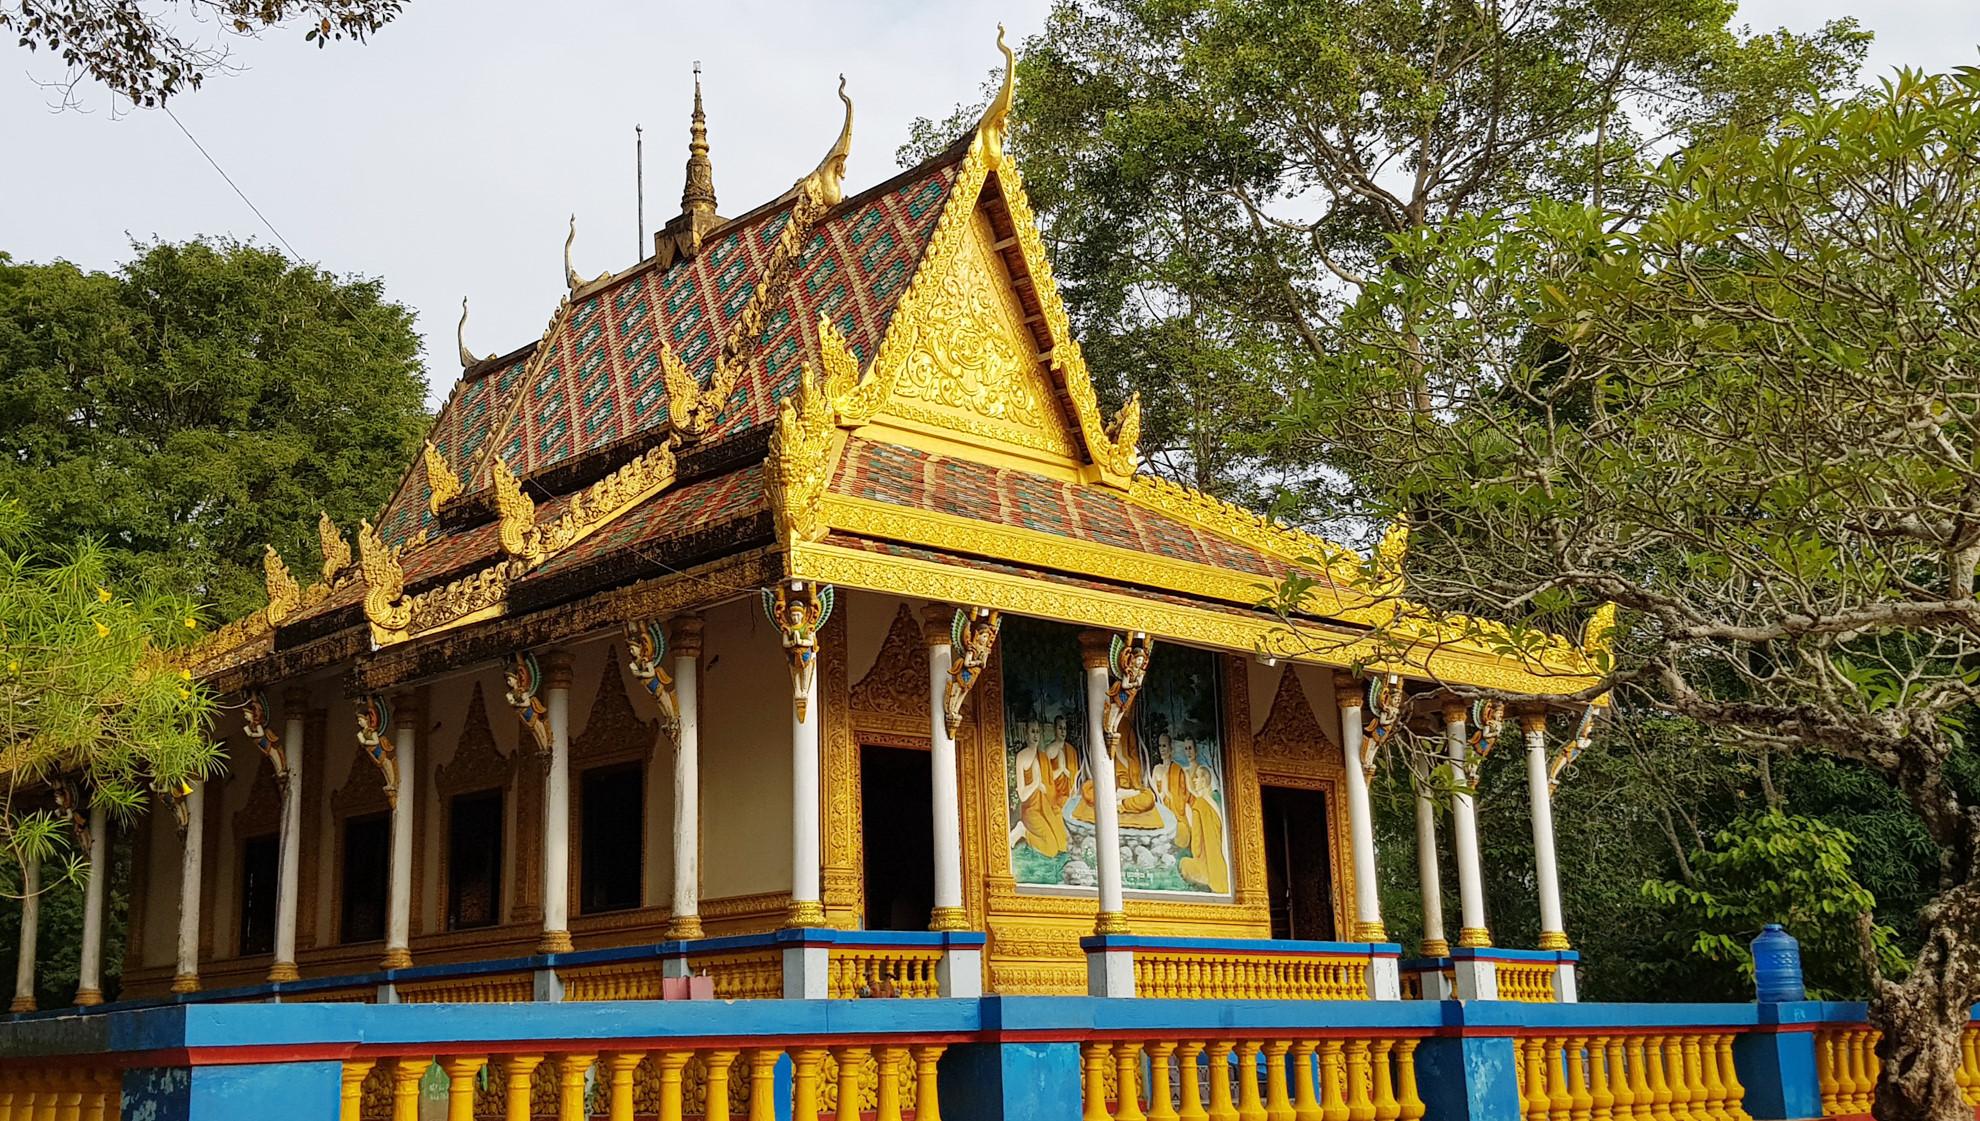 Ngôi chùa duy nhất có mộ heo 5 móng ở miền Tây